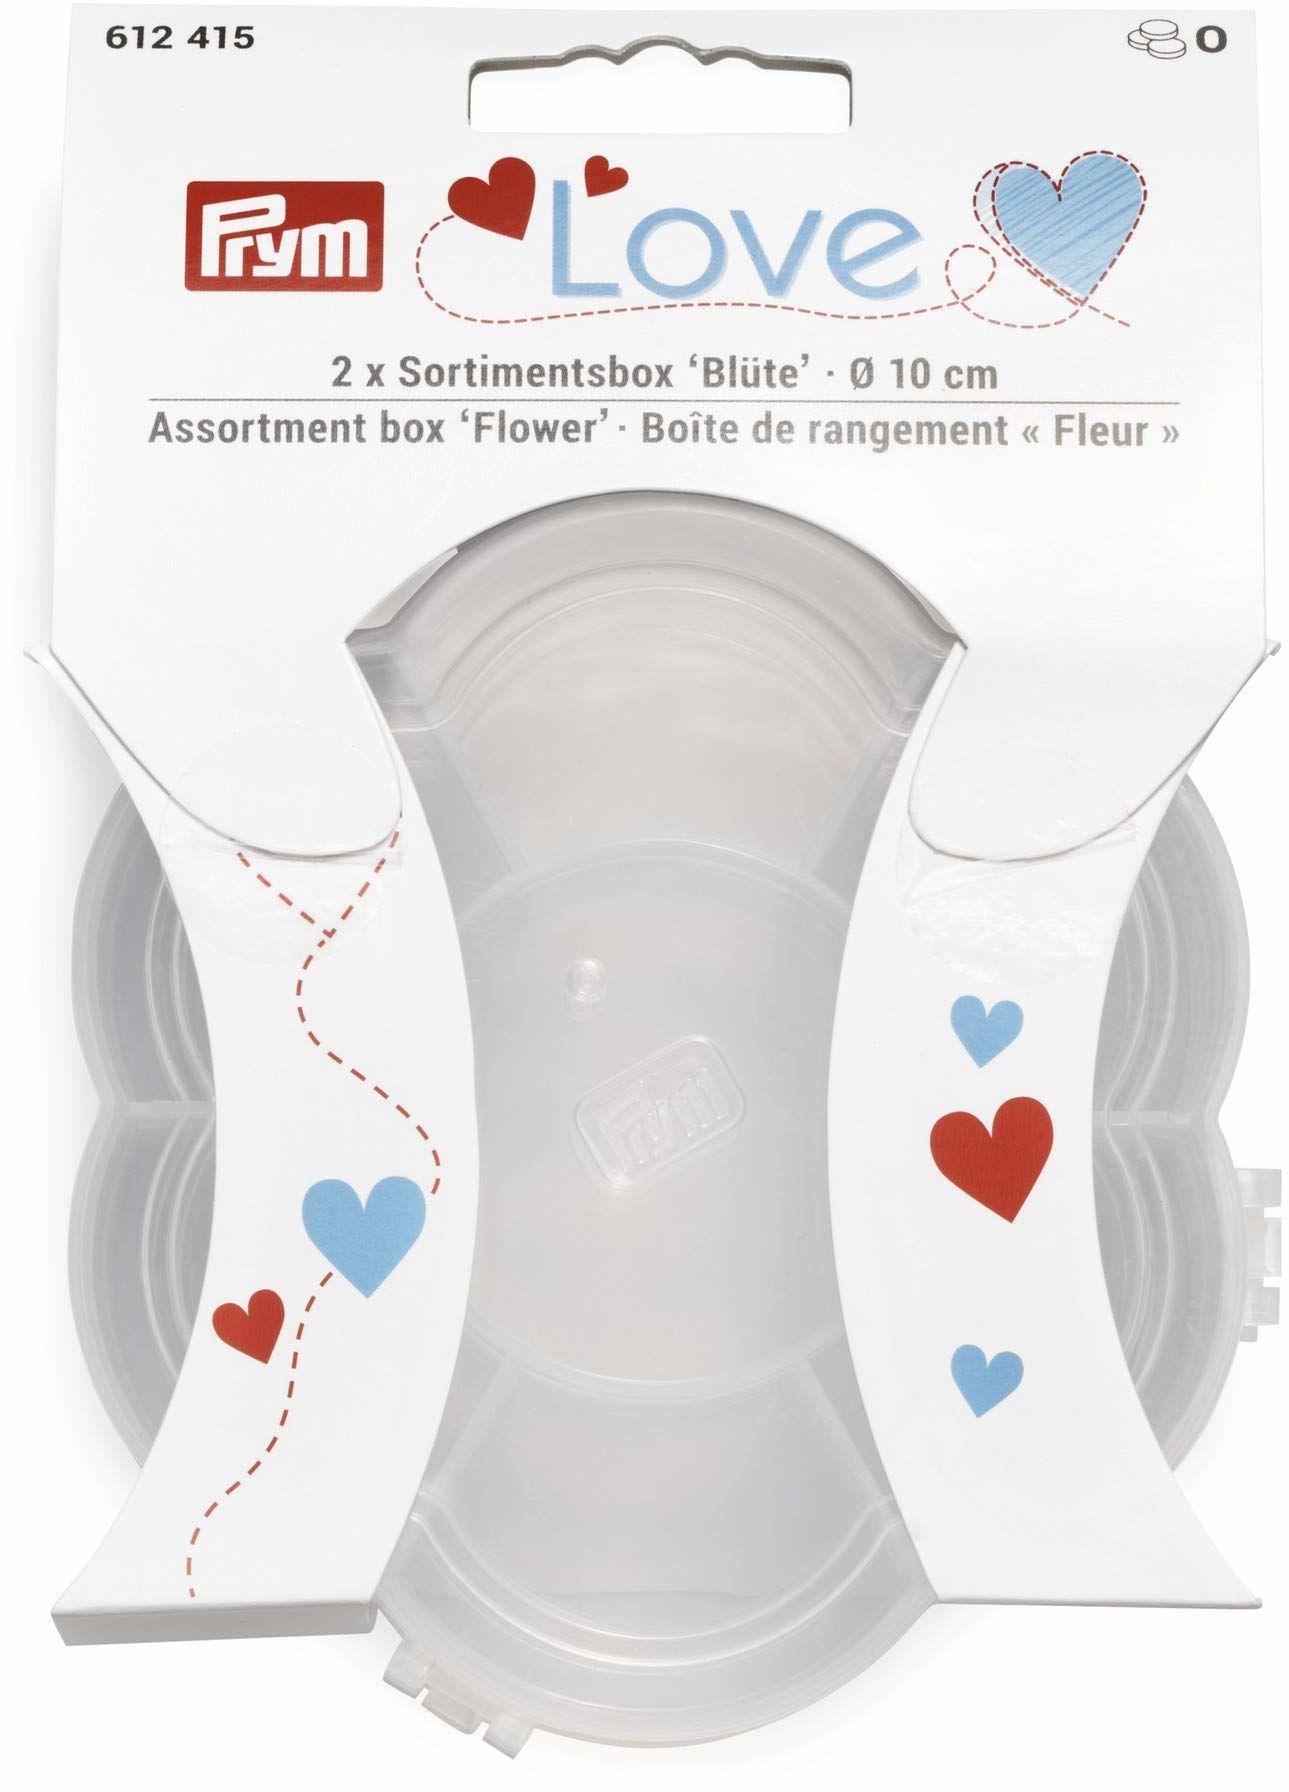 Prym 612415 Love pudełko asortymentowe z kwiatami, puste pudełko do sortowania, tworzywo sztuczne, przezroczyste, 10 cm